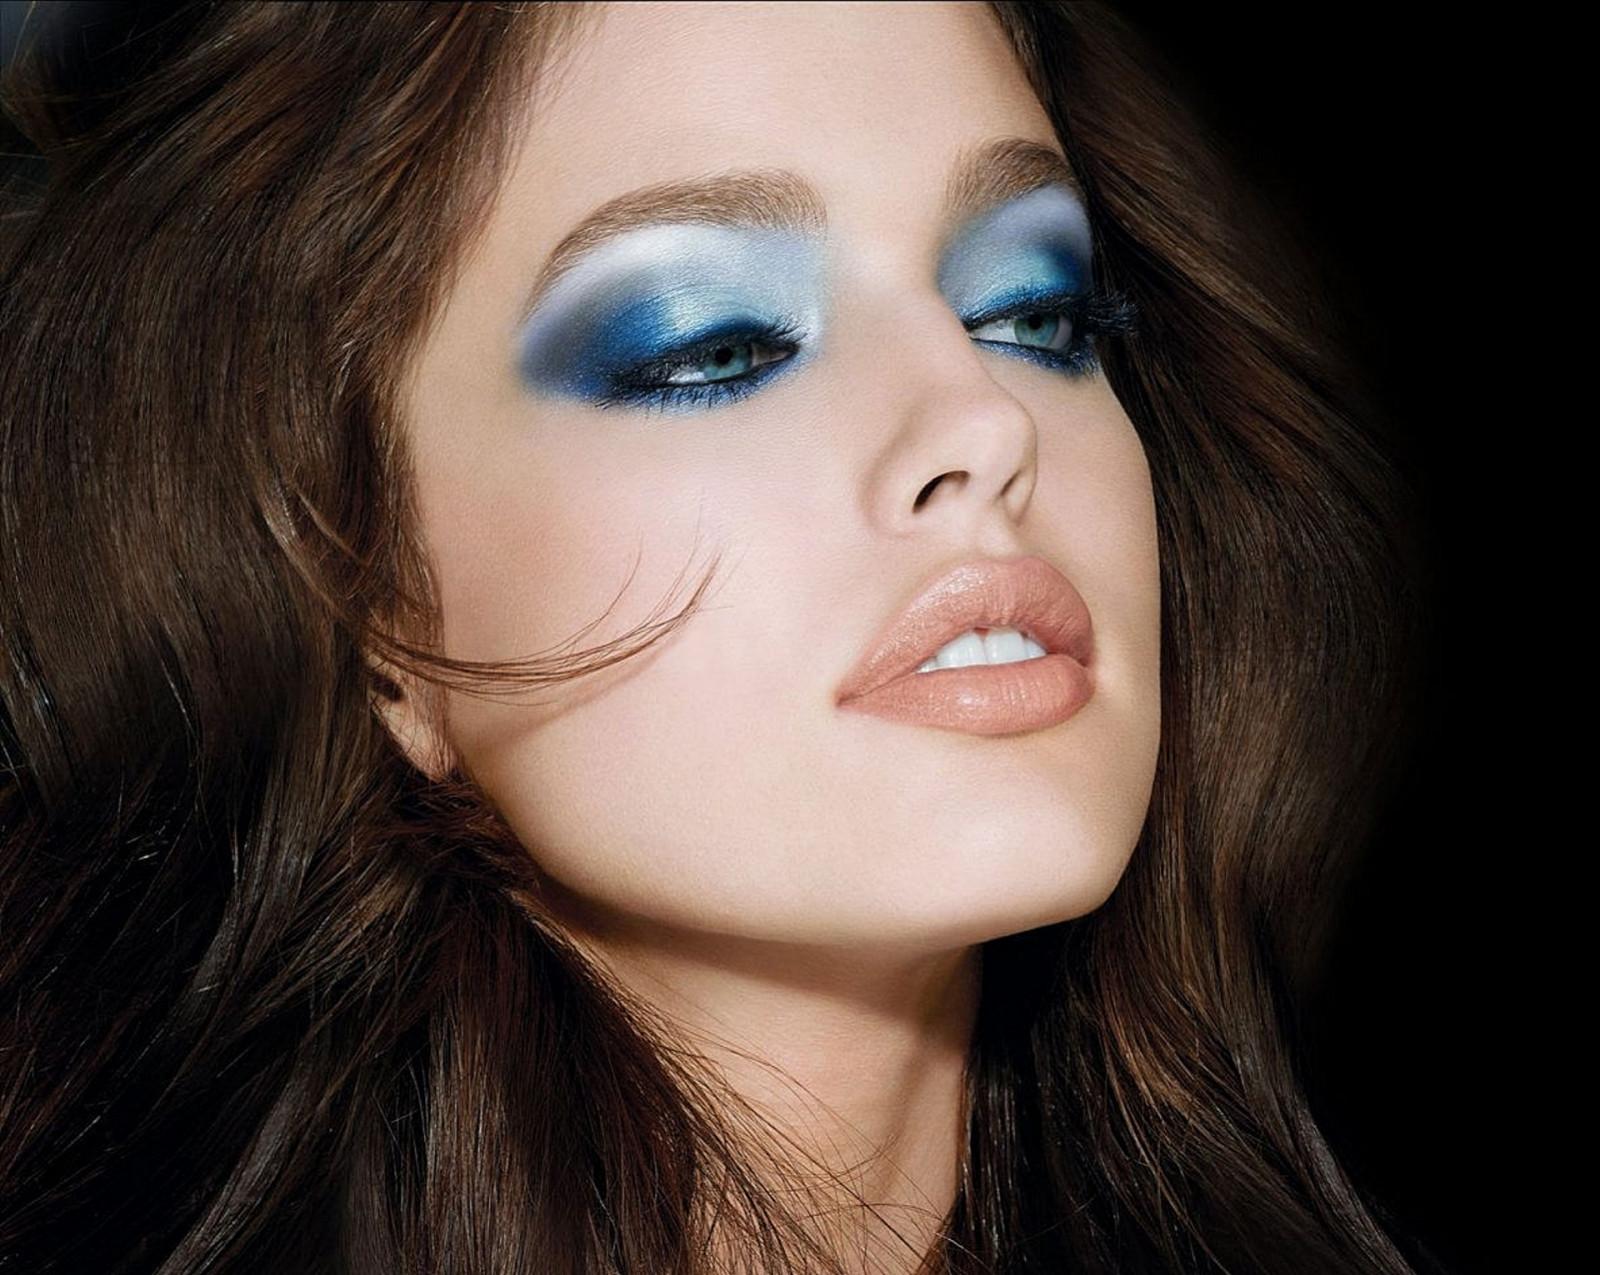 Wallpaper Face Women Model Blue Eyes Brunette: Wallpaper : Face, Women, Model, Looking Away, Blue Eyes